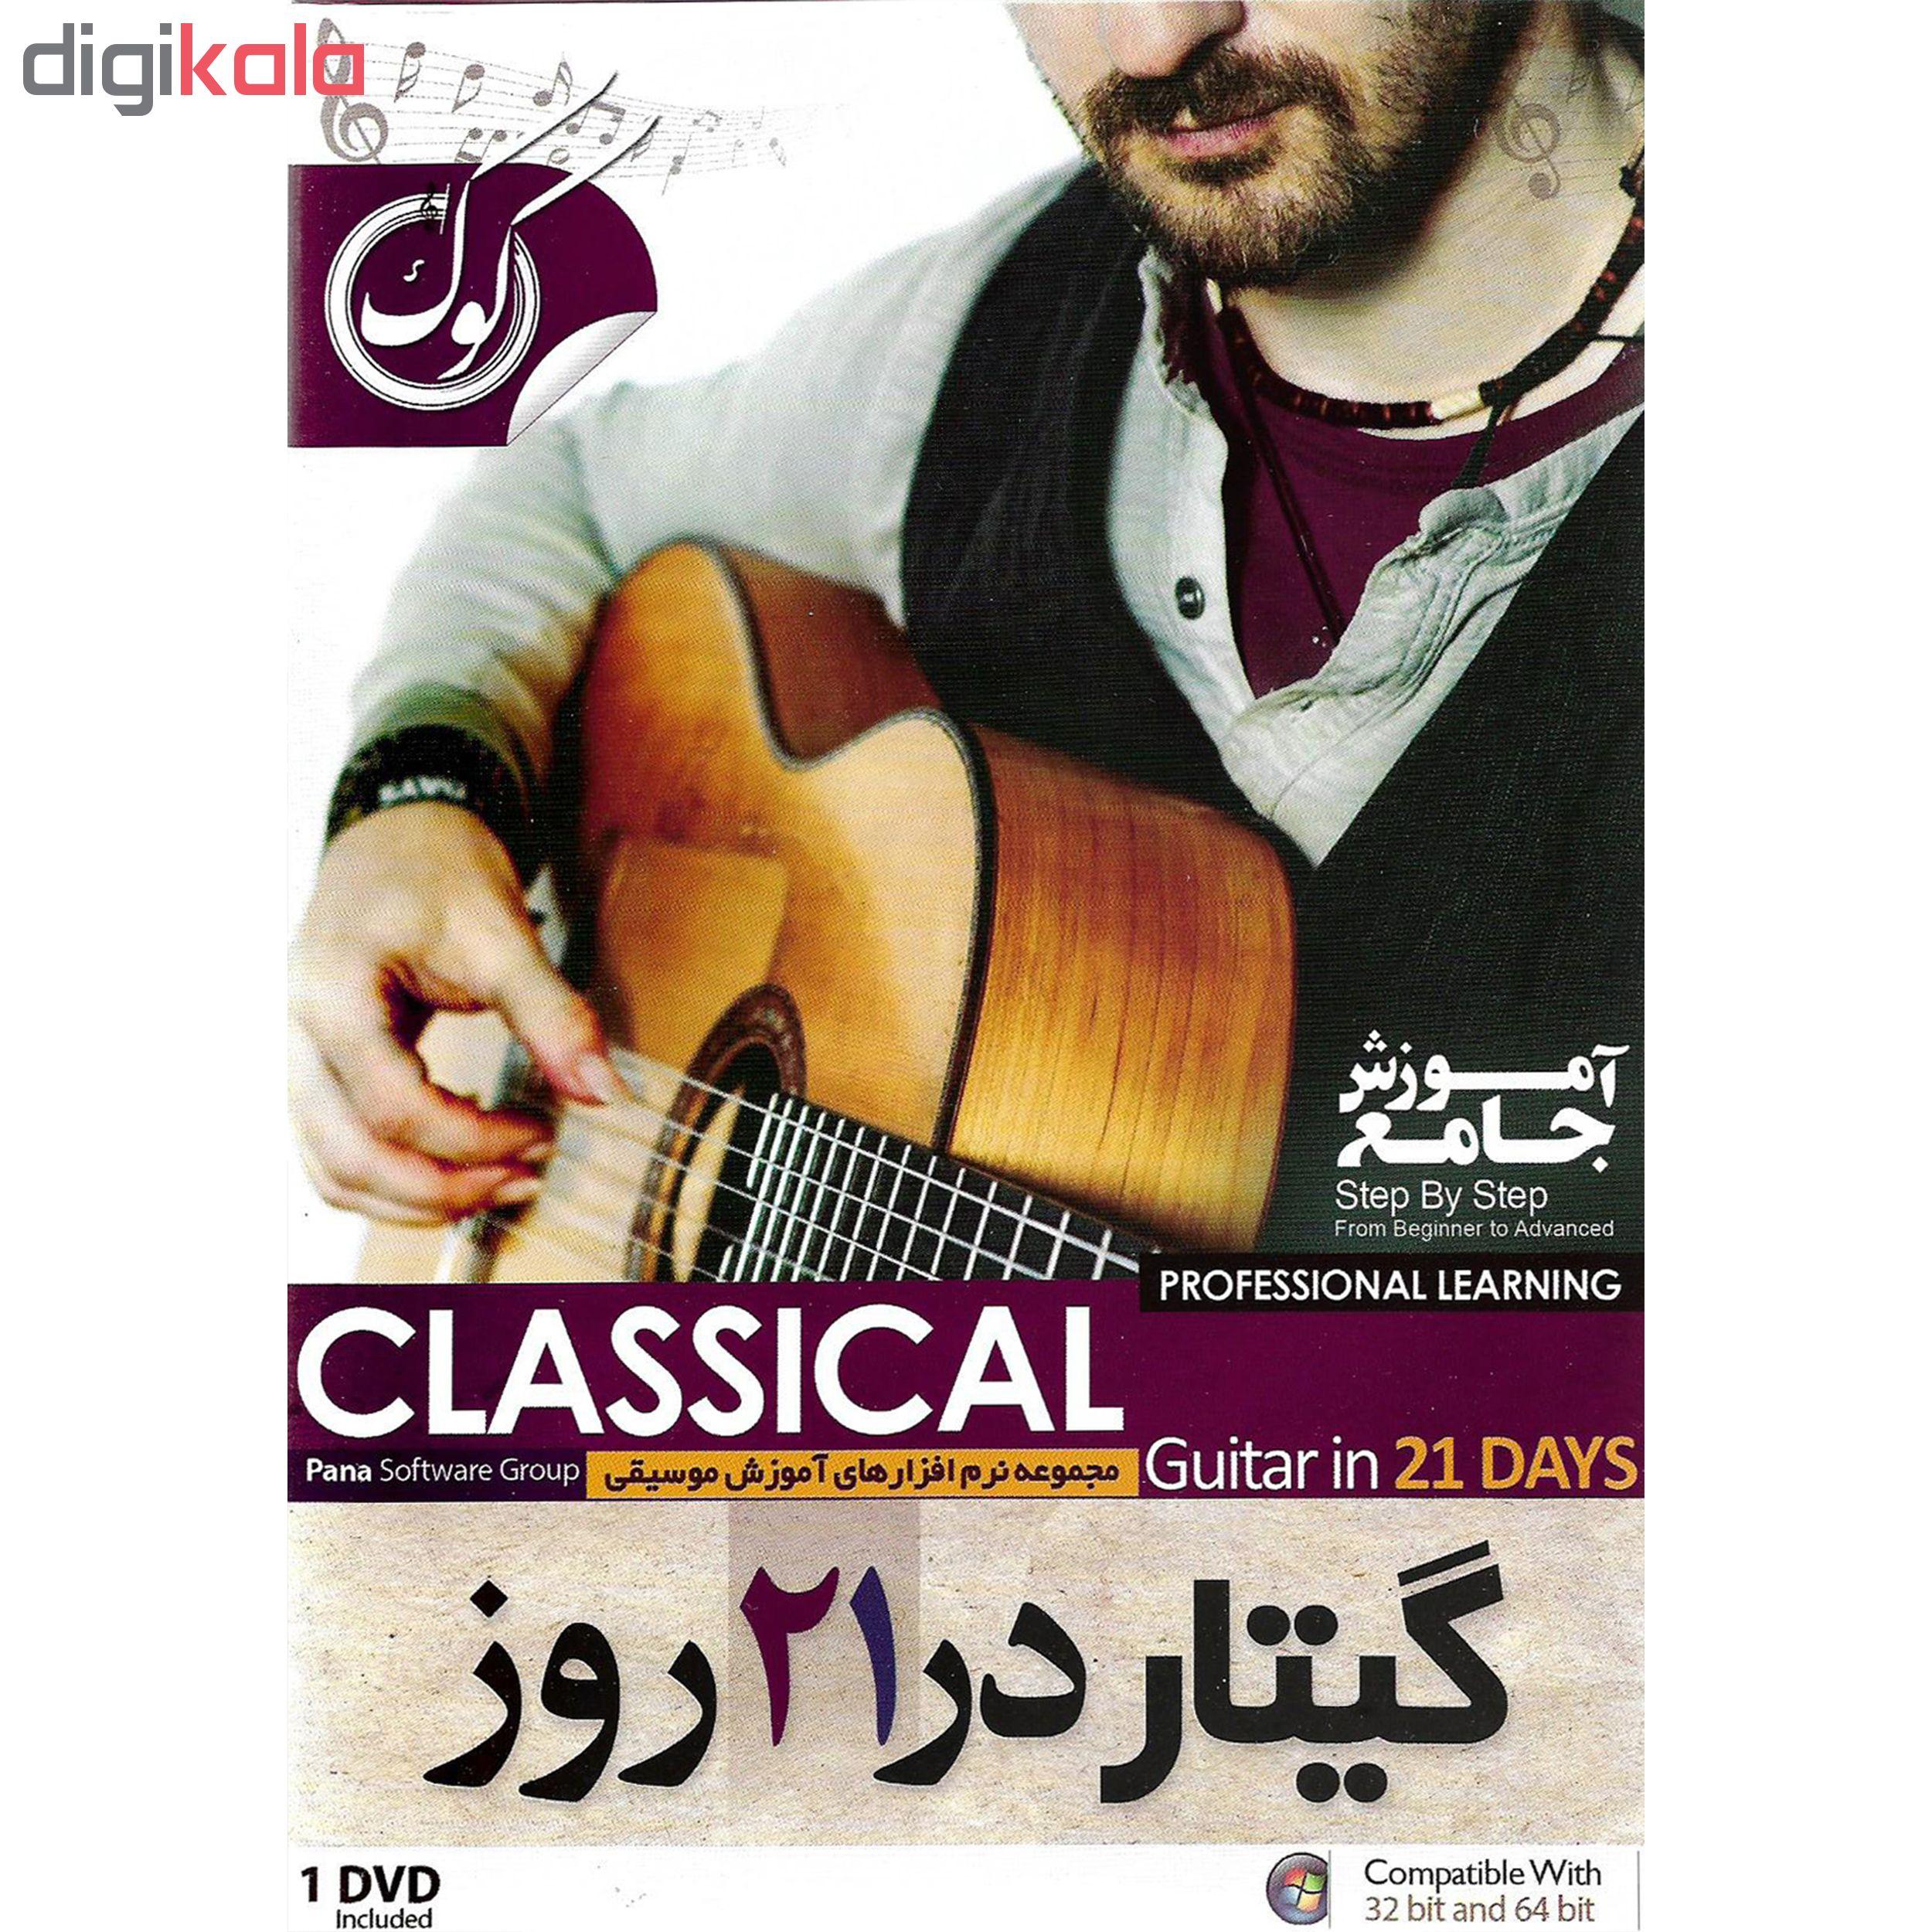 نرم افزار آموزش گیتار در 21 روز نشر الکترونیک پانا به همراه نرم افزار آموزش گیتار کلاسیک نشر الکترونیک پانا